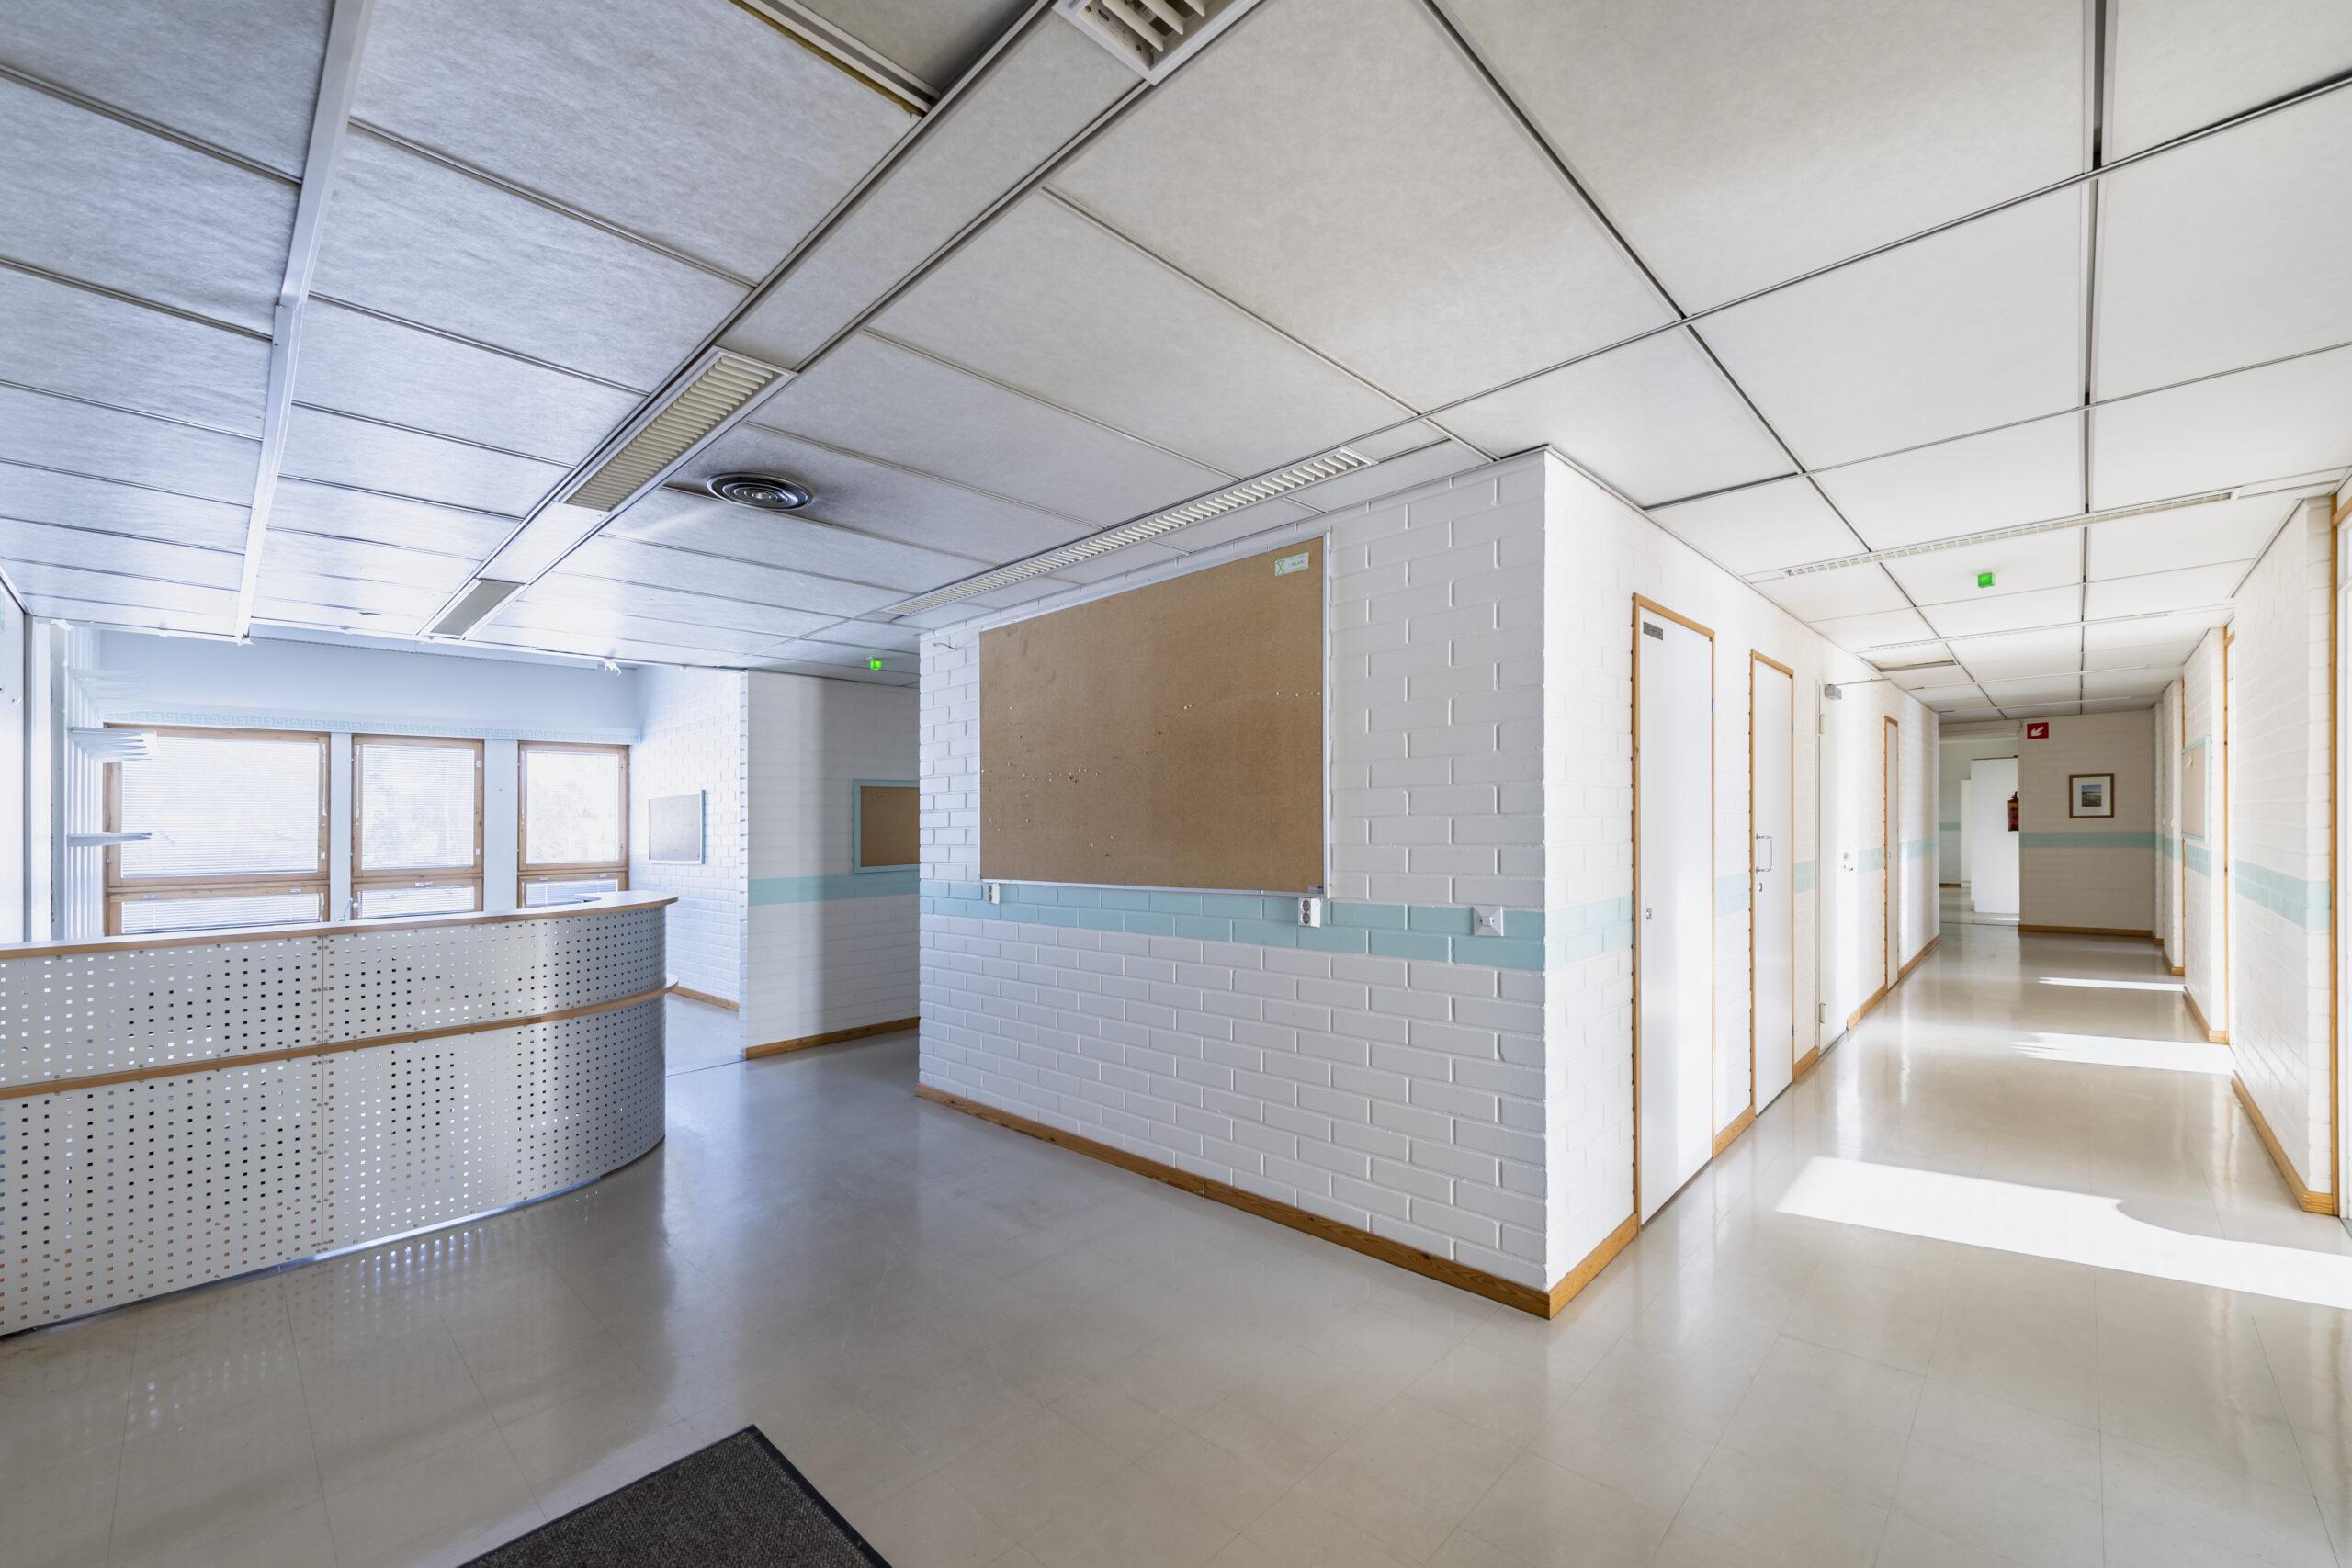 Toritalo on Haukiputaalla sijaitseva kiinteistö, jossa on toimitiloja. Toritalon aulatilassa näkyy asiakkaiden ja vierailijoiden vastaanottopiste. Tila jakautuu kahteen pitkään käytävään. Seinällä ilmoitustaulu. Kevätaurinko tulvii miellyttävästi ikkunoista toimitilan käytäville.